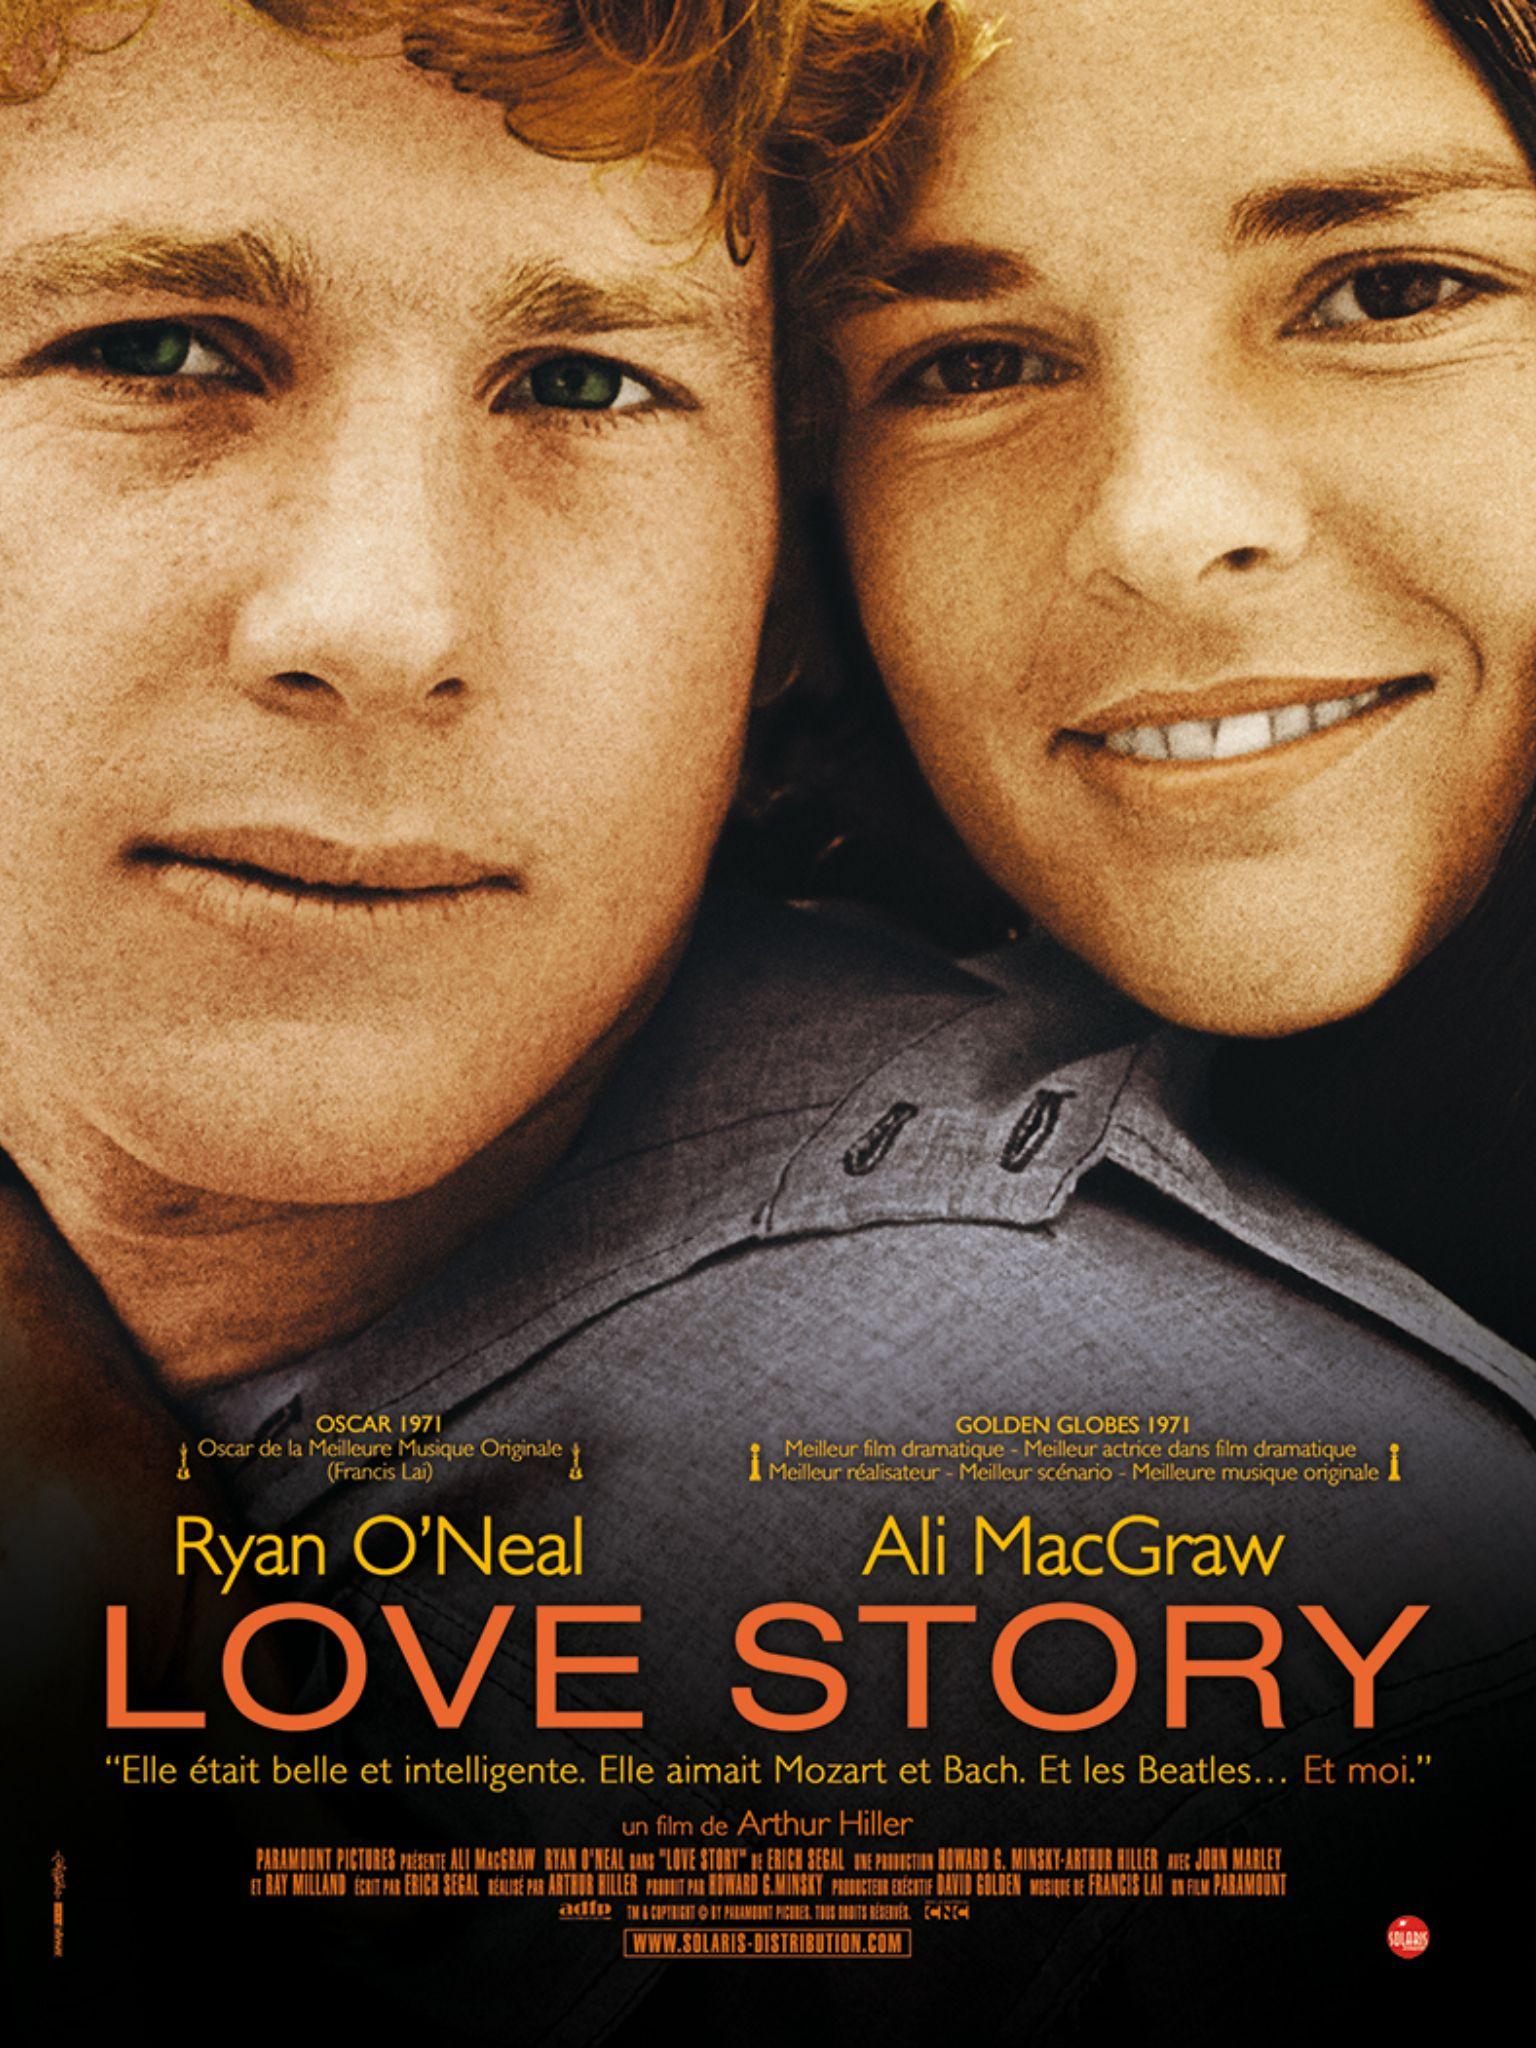 Love Story Posters De Filmes Cartazes De Filmes Filmes